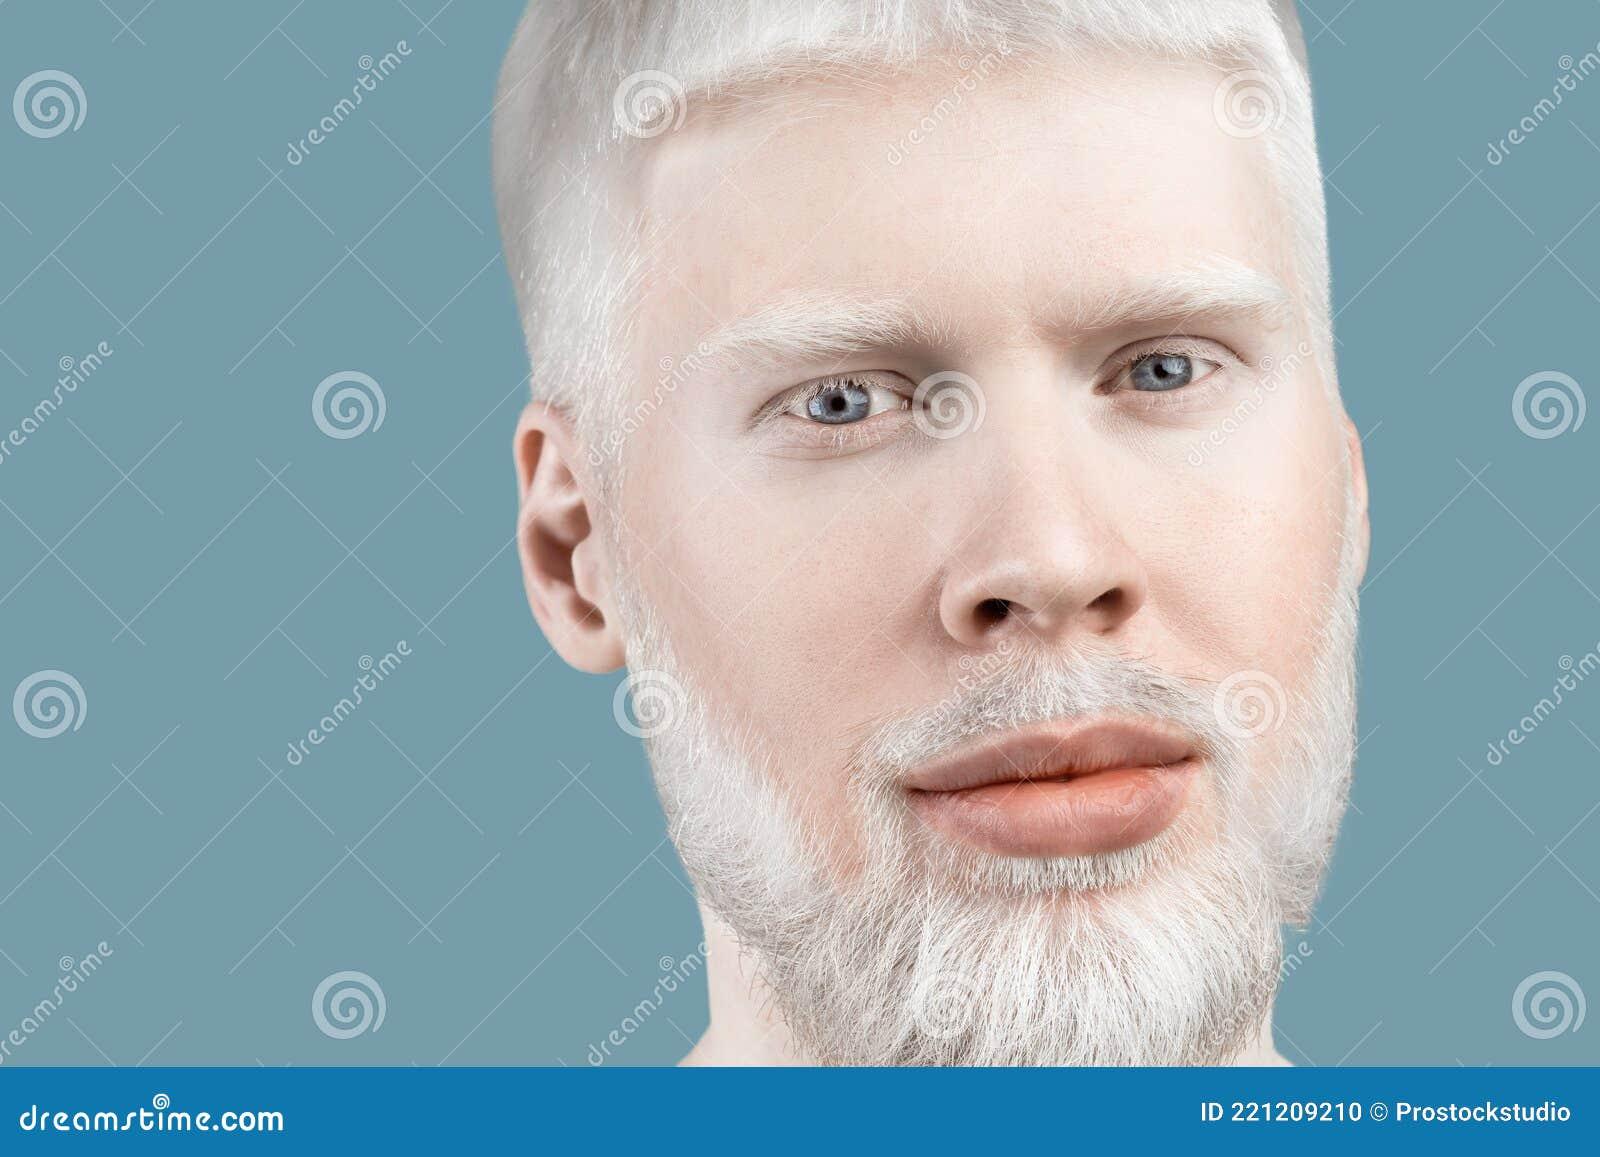 Albinismus. Porträt Von Jungen Bärtigen Albino Mann Mit Weißen ...